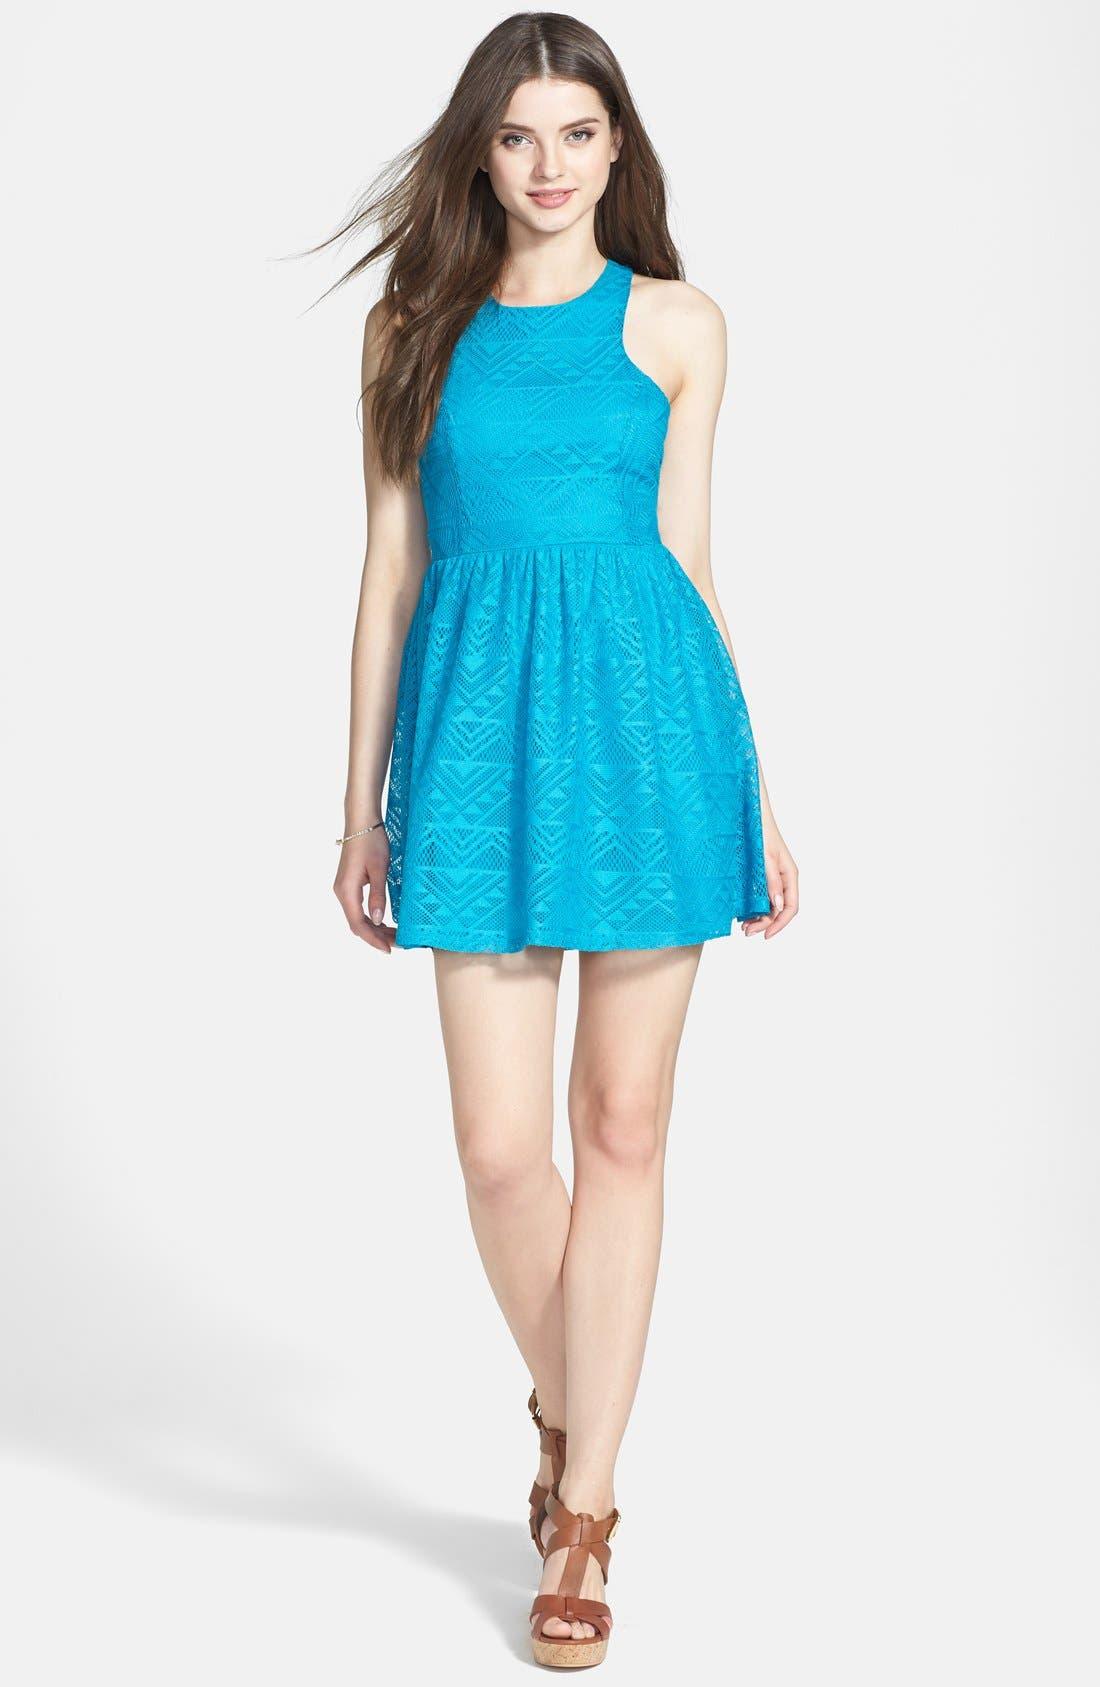 Alternate Image 1 Selected - Socialite Geometric Open Knit Skater Dress (Juniors)